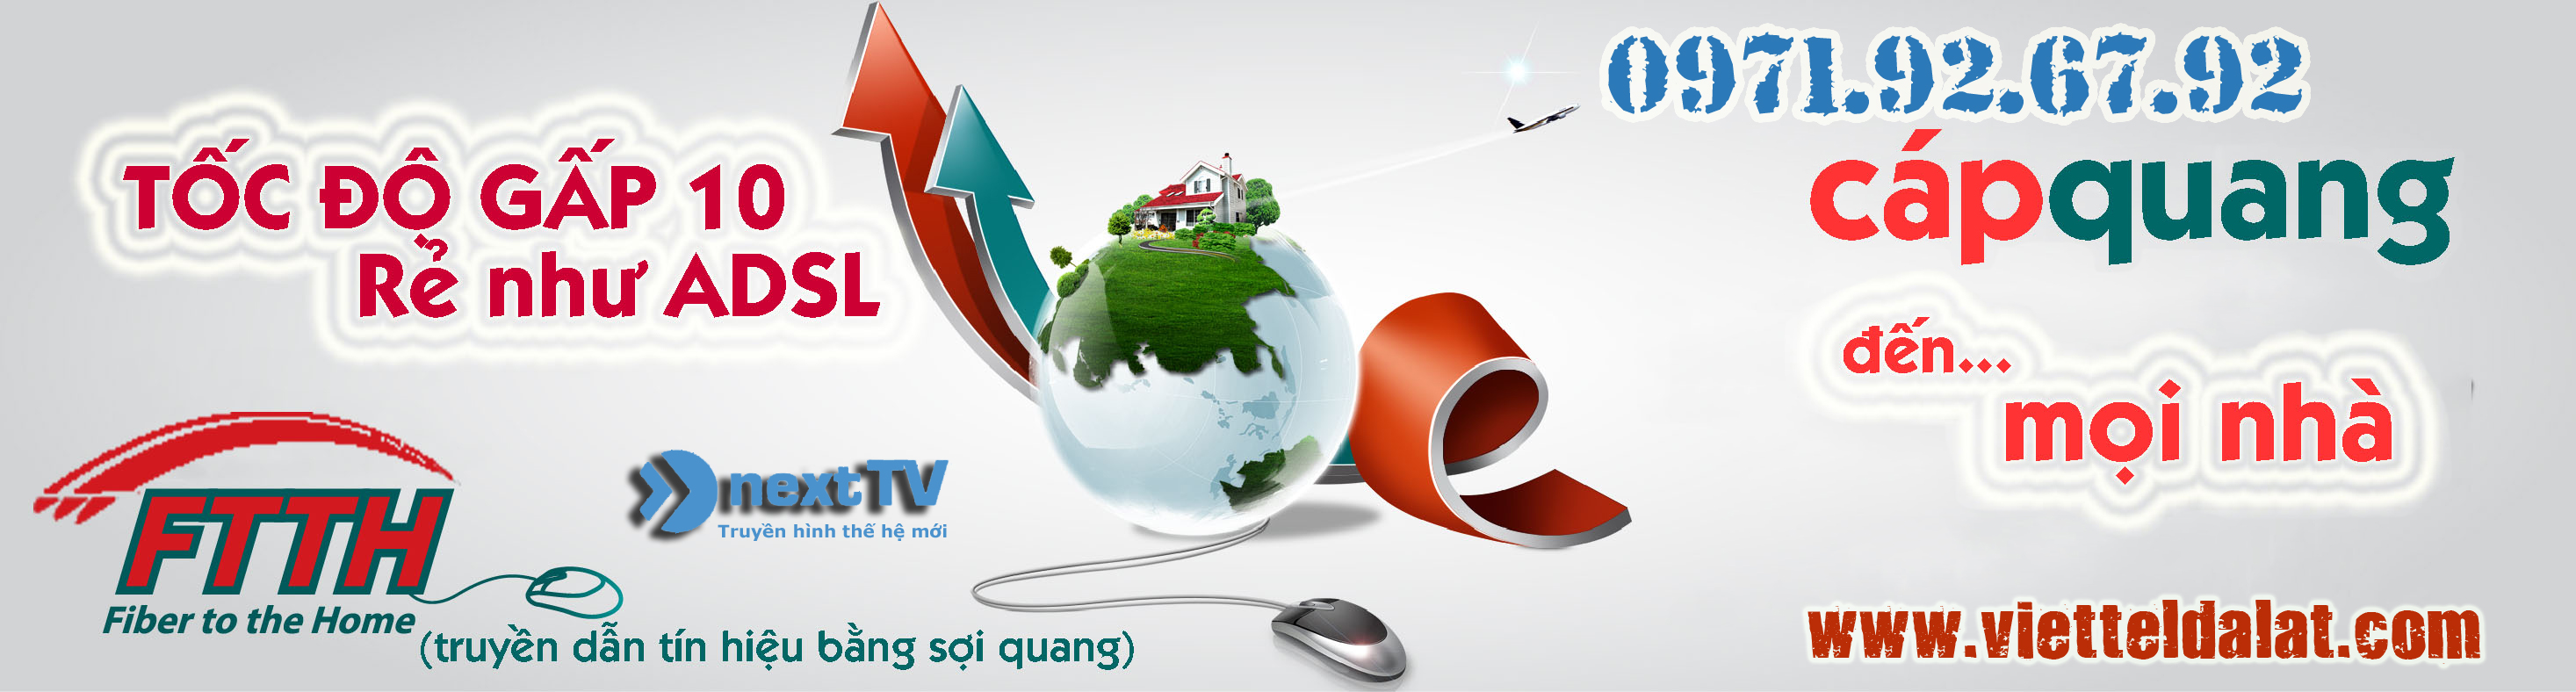 Cáp quang Viettel Đà Lạt - Lắp đặt internet viette Đà Lạt